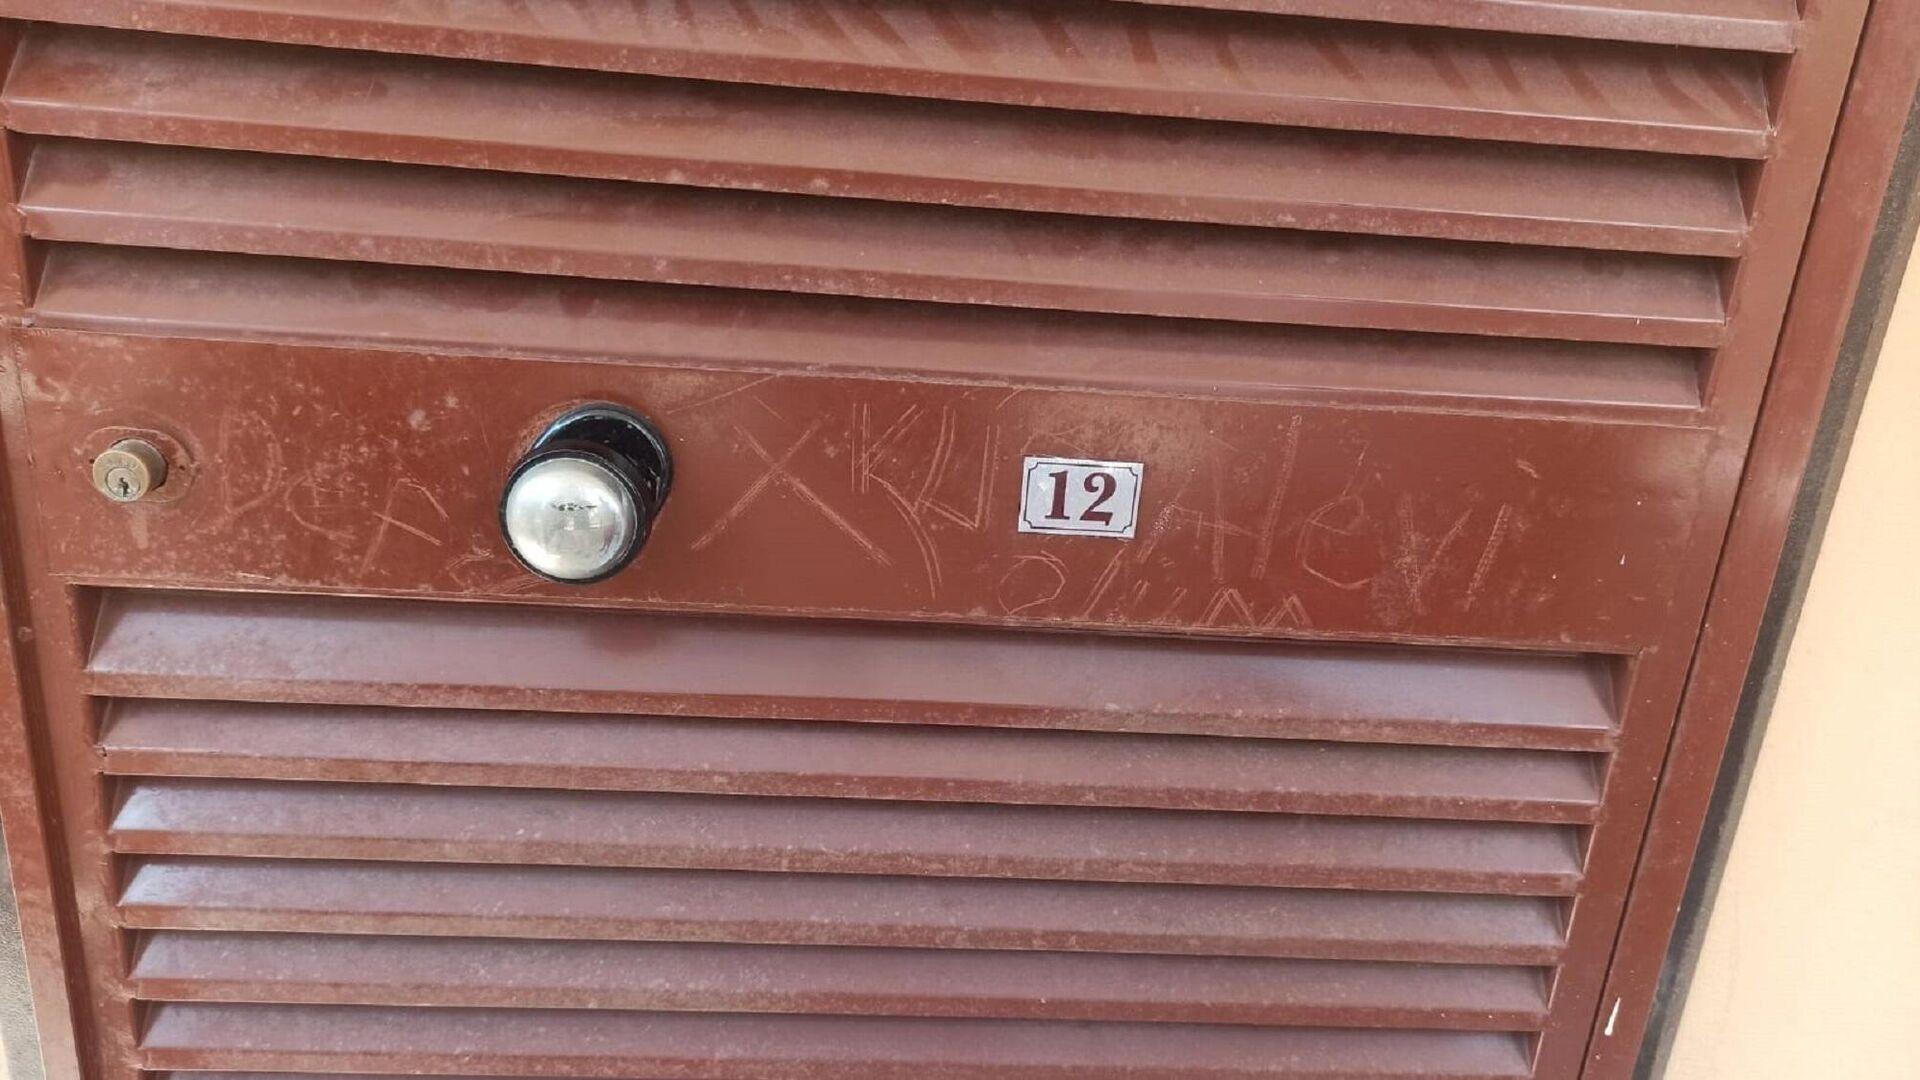 Mersin'de evinin kapısına ırkçı söylemler yazıldığını iddia eden kişinin iltica talebinin kabul olabileceği düşüncesiyle ırkçı yazıları kendisinin yazdığı ortaya çıktı. - Sputnik Türkiye, 1920, 14.09.2021